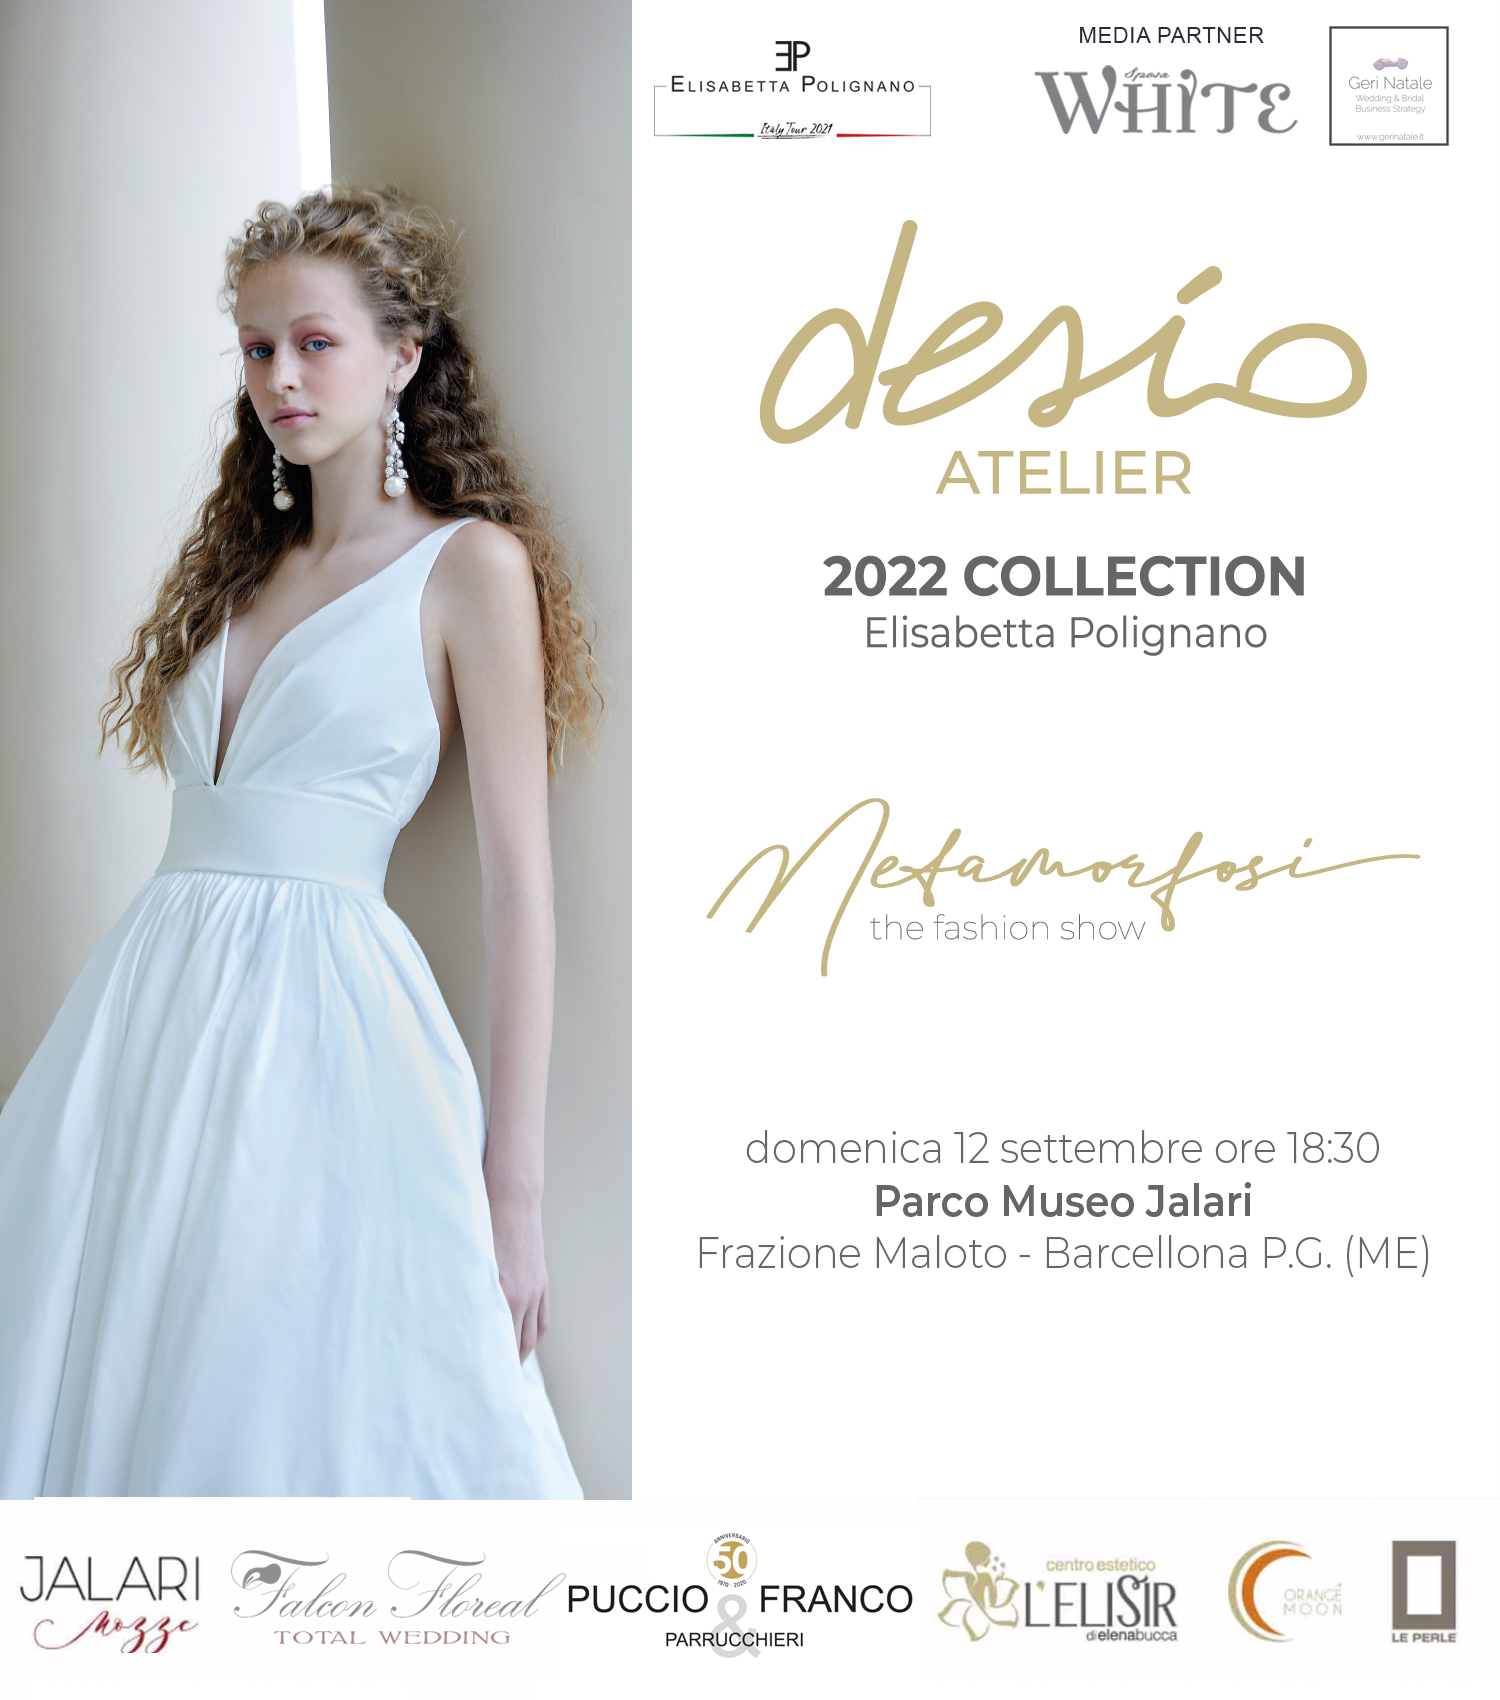 Sfilata collezione 2022 di Elisabetta Polignano